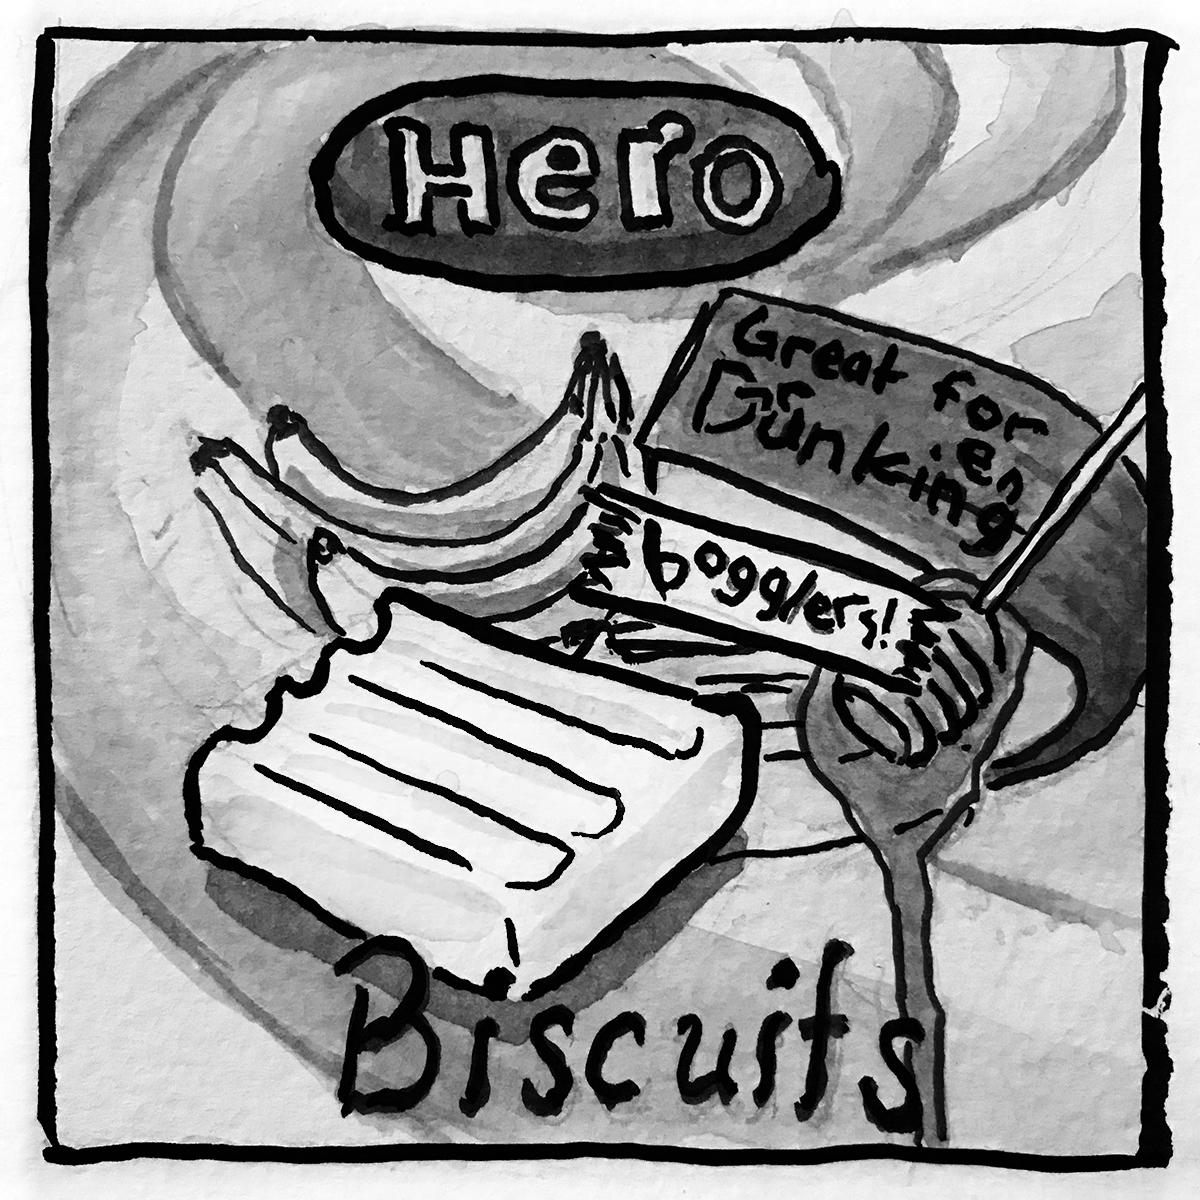 Biscuits for... Drunken Bogglers